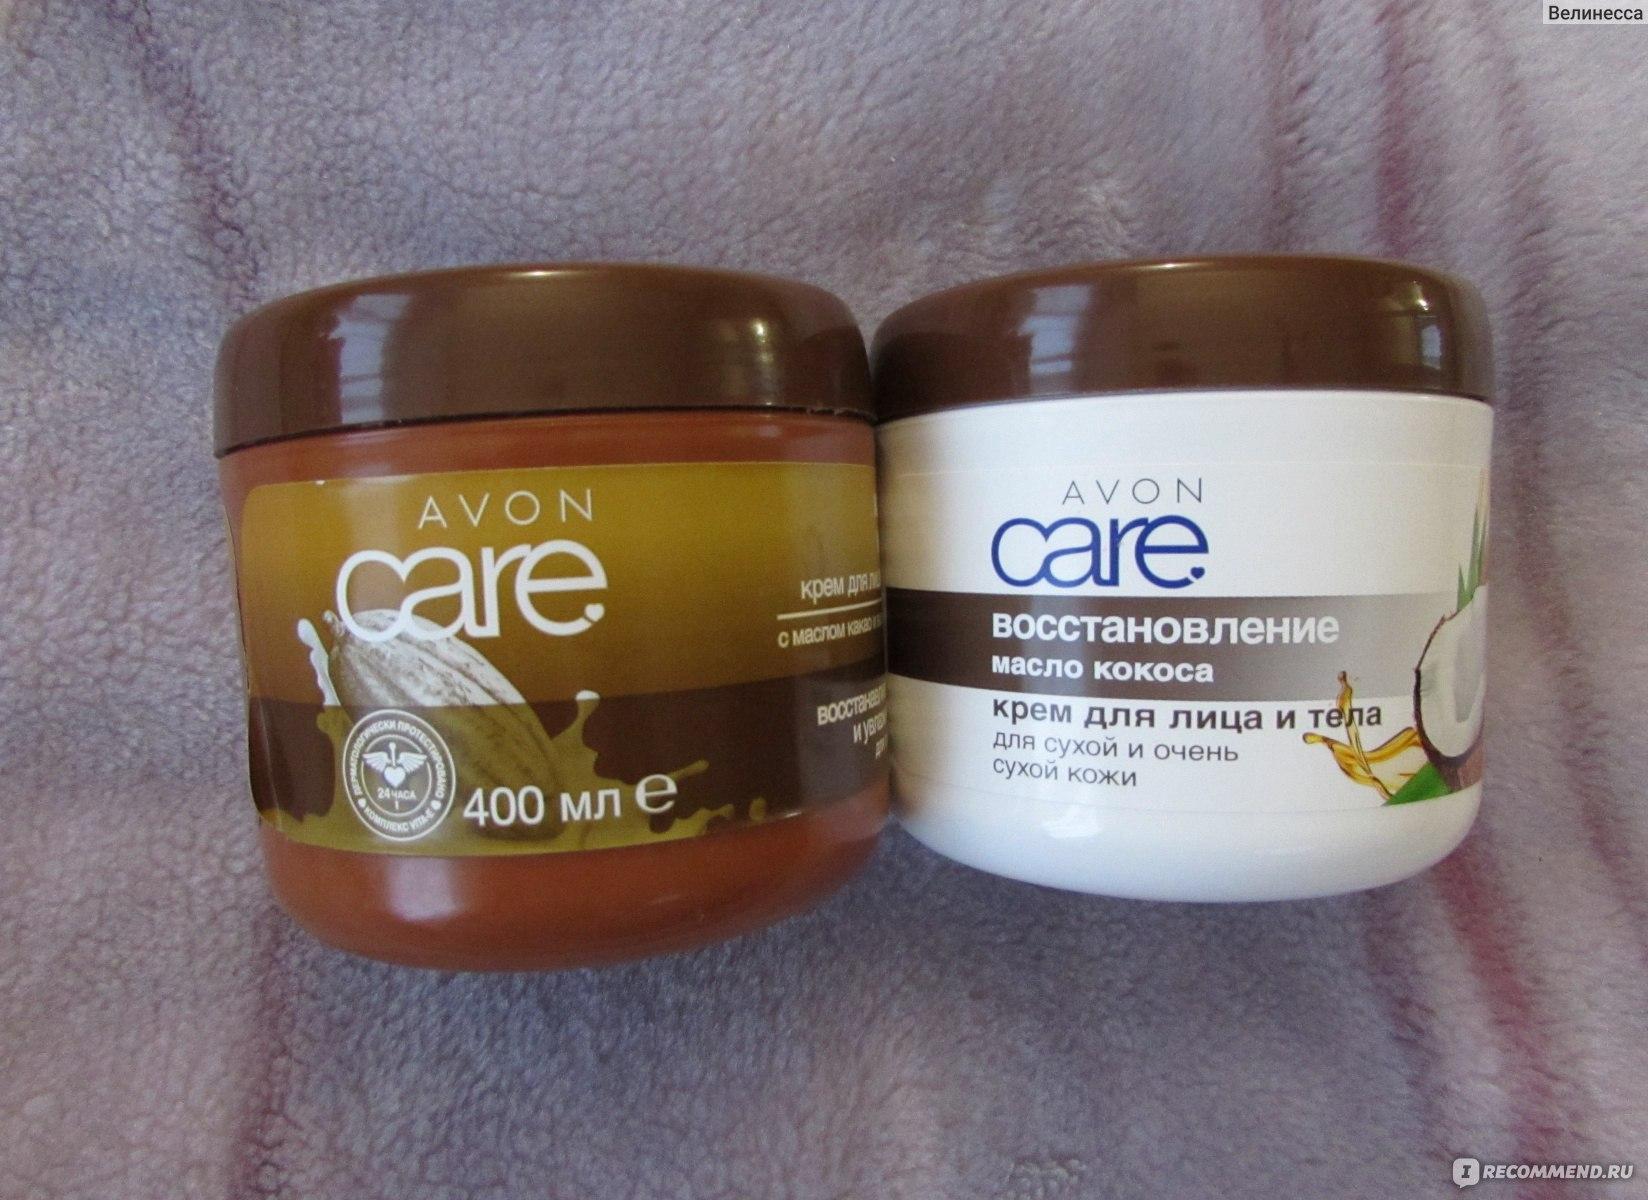 Avon care крем для лица и тела косметика хипп купить